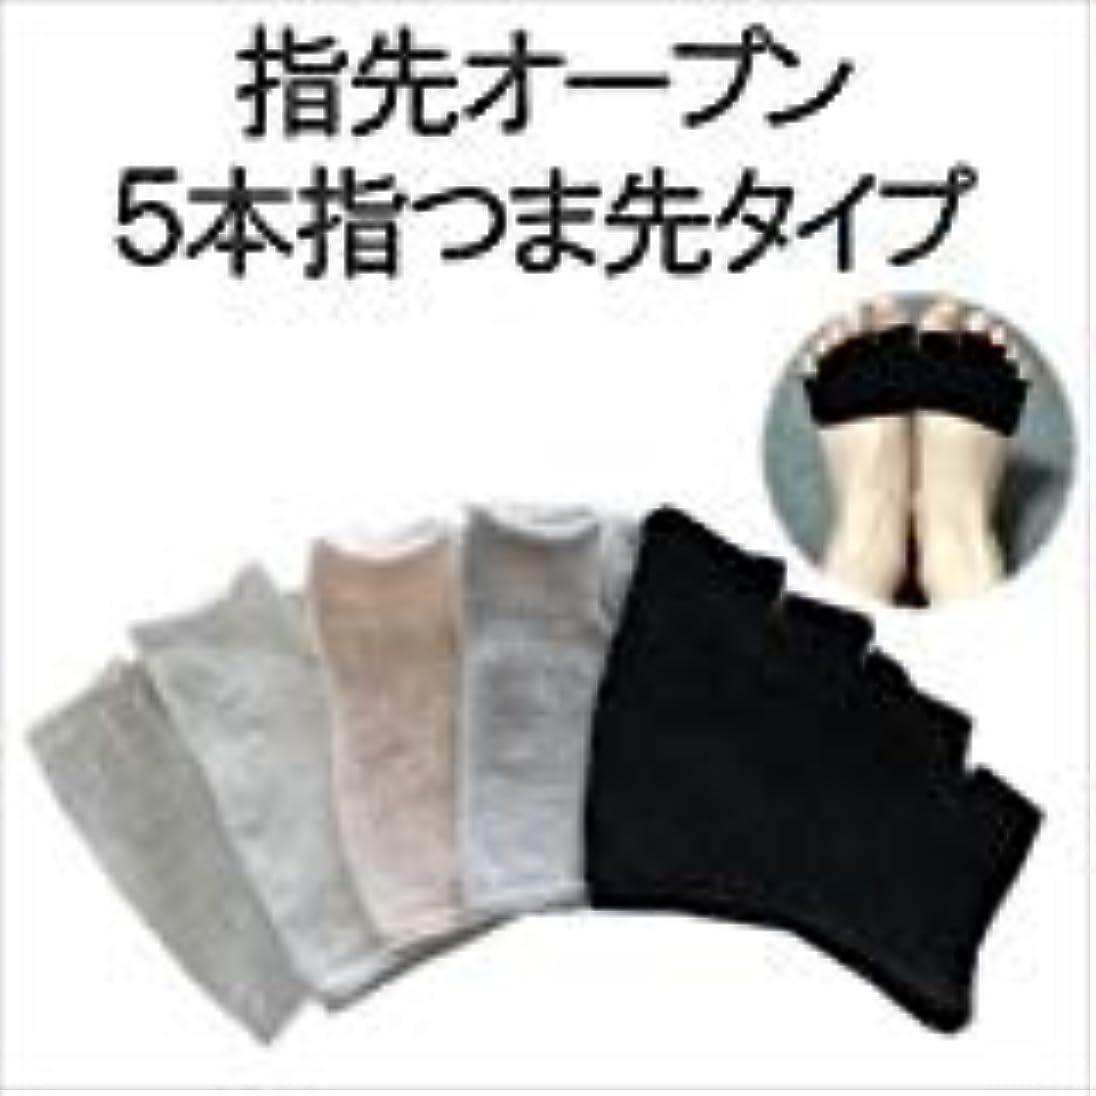 桁傾いた東方重ね履き用 5本指 指先オープン 汗 臭い対策 男女兼用 太陽ニット 310 (ベージュ)